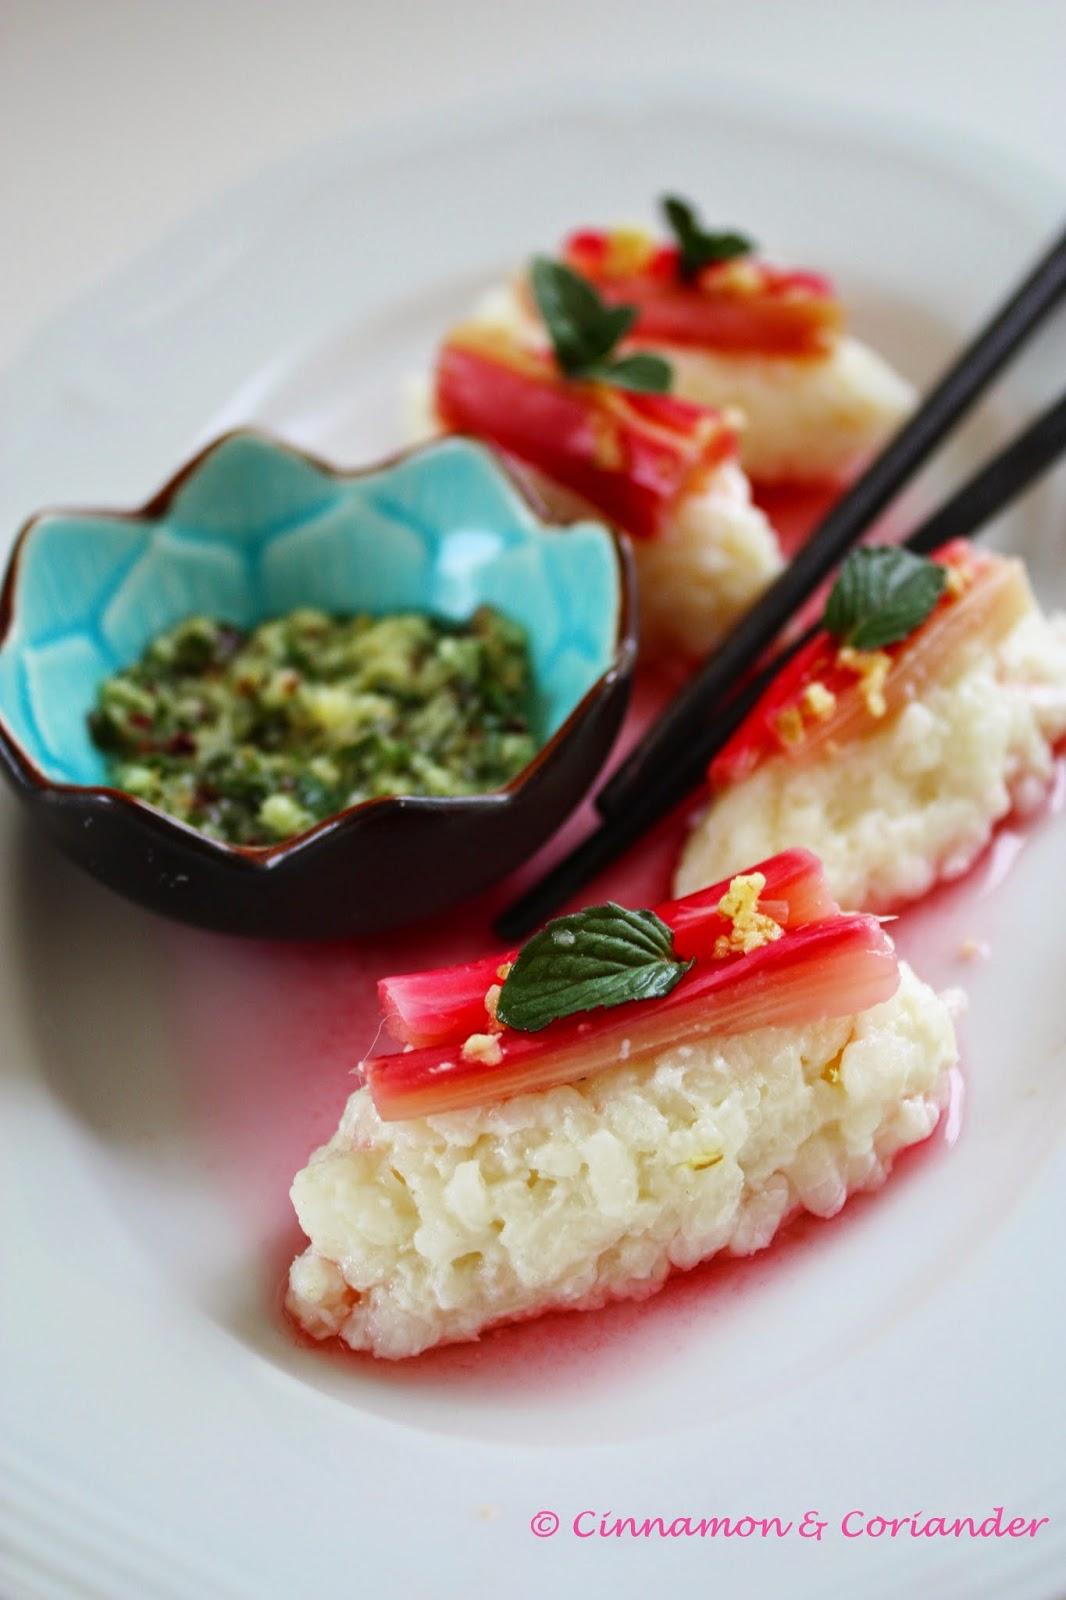 Süßes Sushi mit Rhabarber und Ingwer Minze Sauce